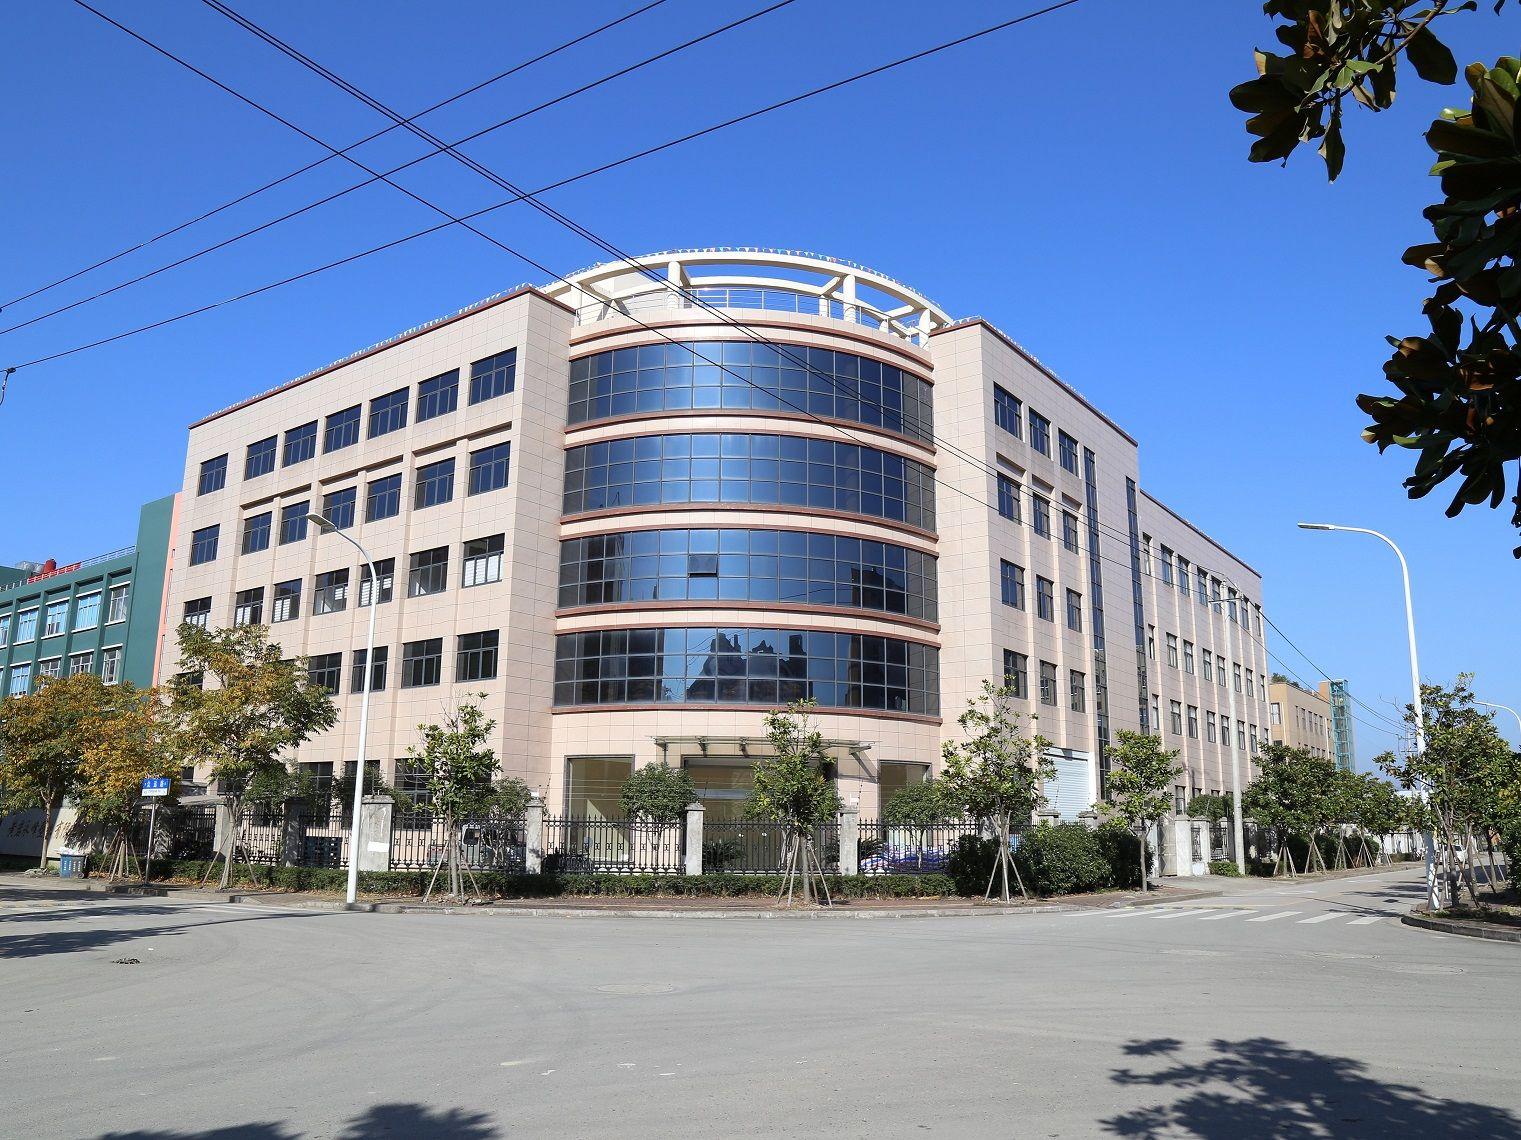 浙江环保无毒害塑料防盗瓶盖生产厂家